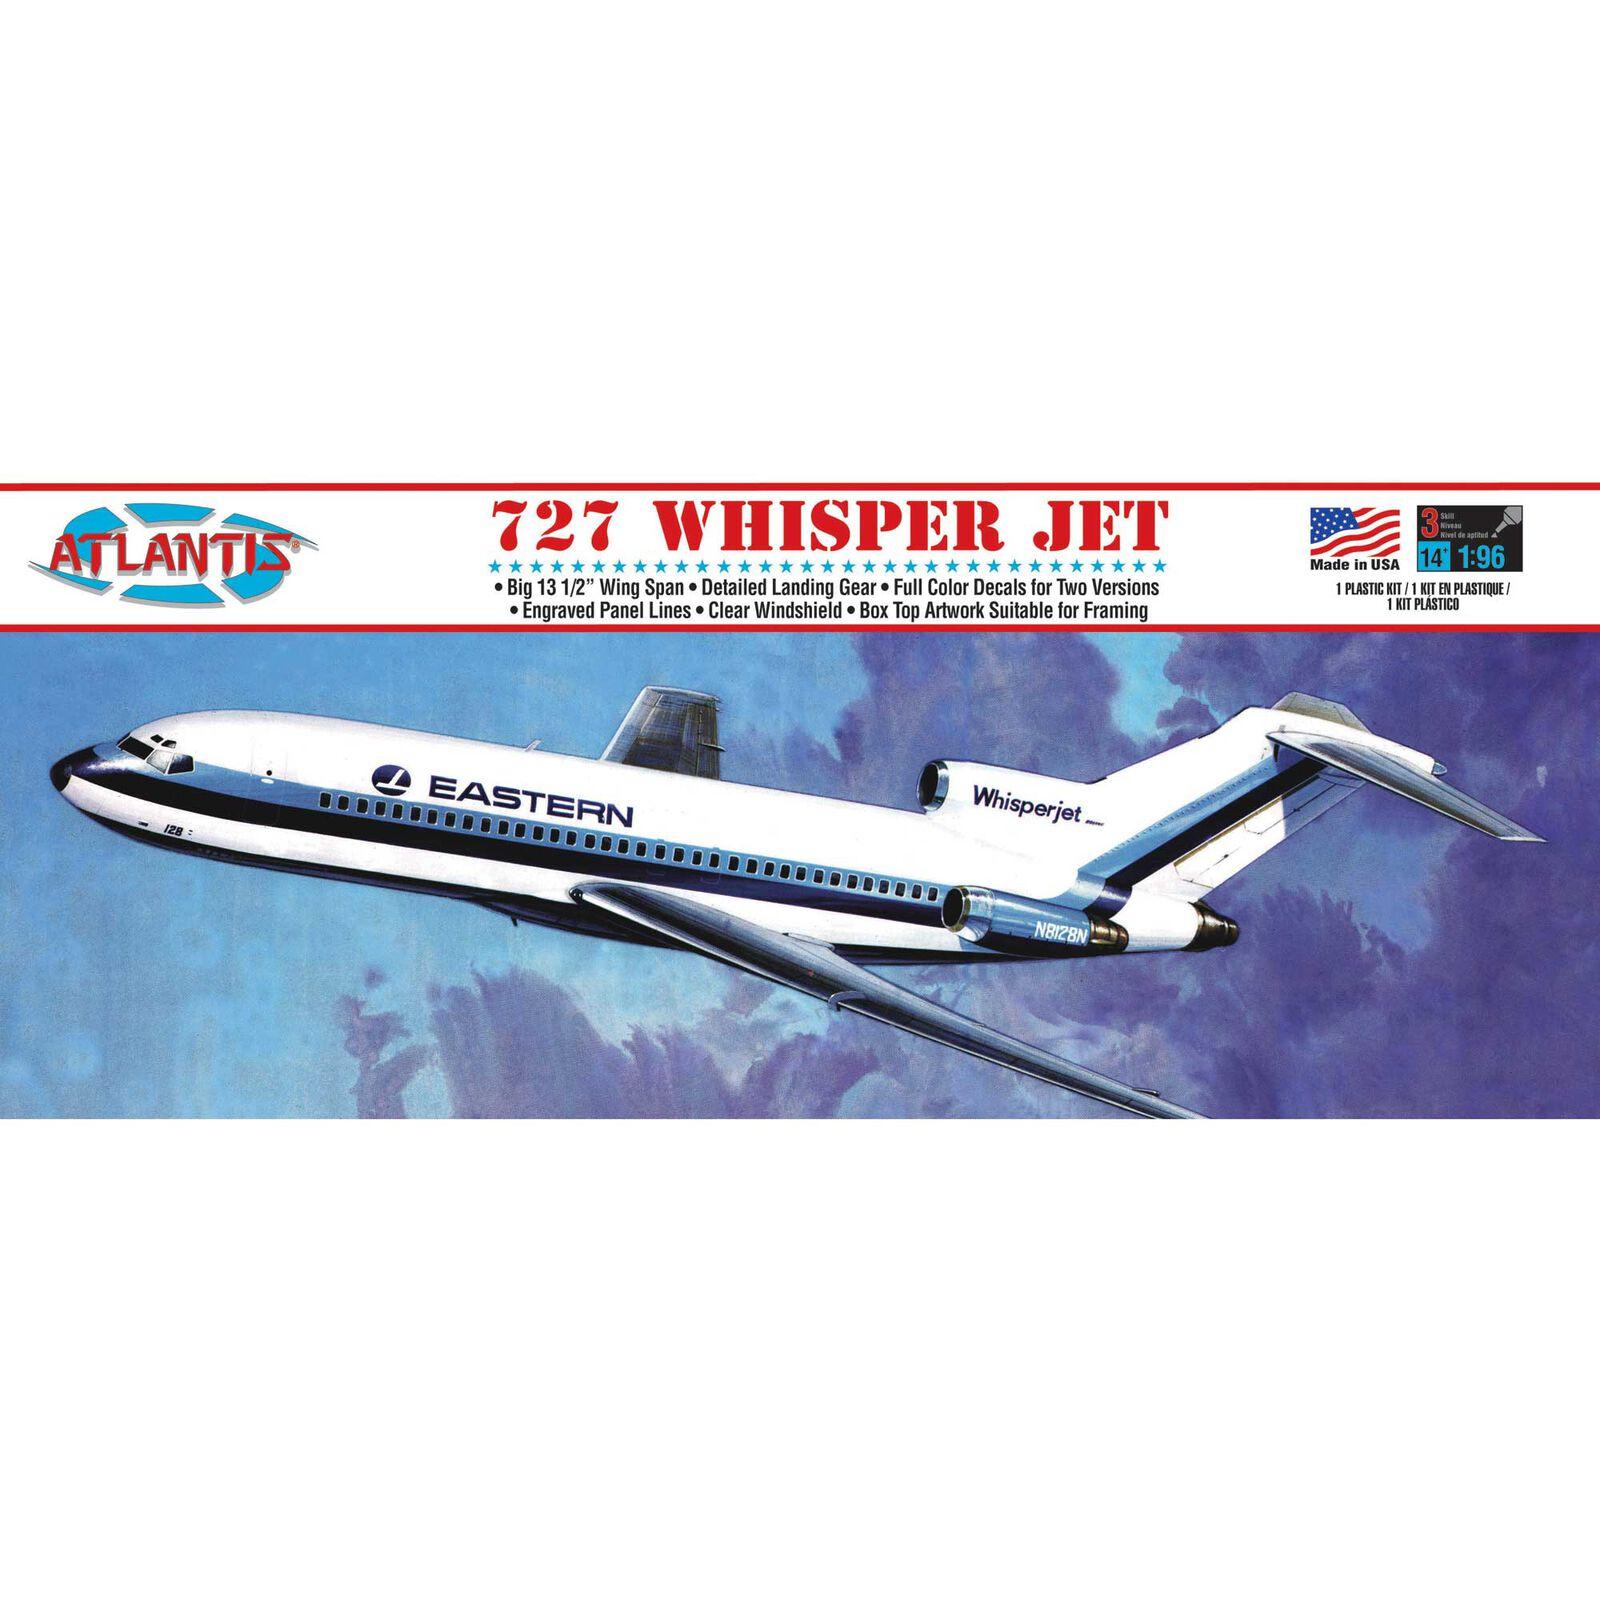 Boeing 727 Whisper Jet Plastic 1/96 Model Kit